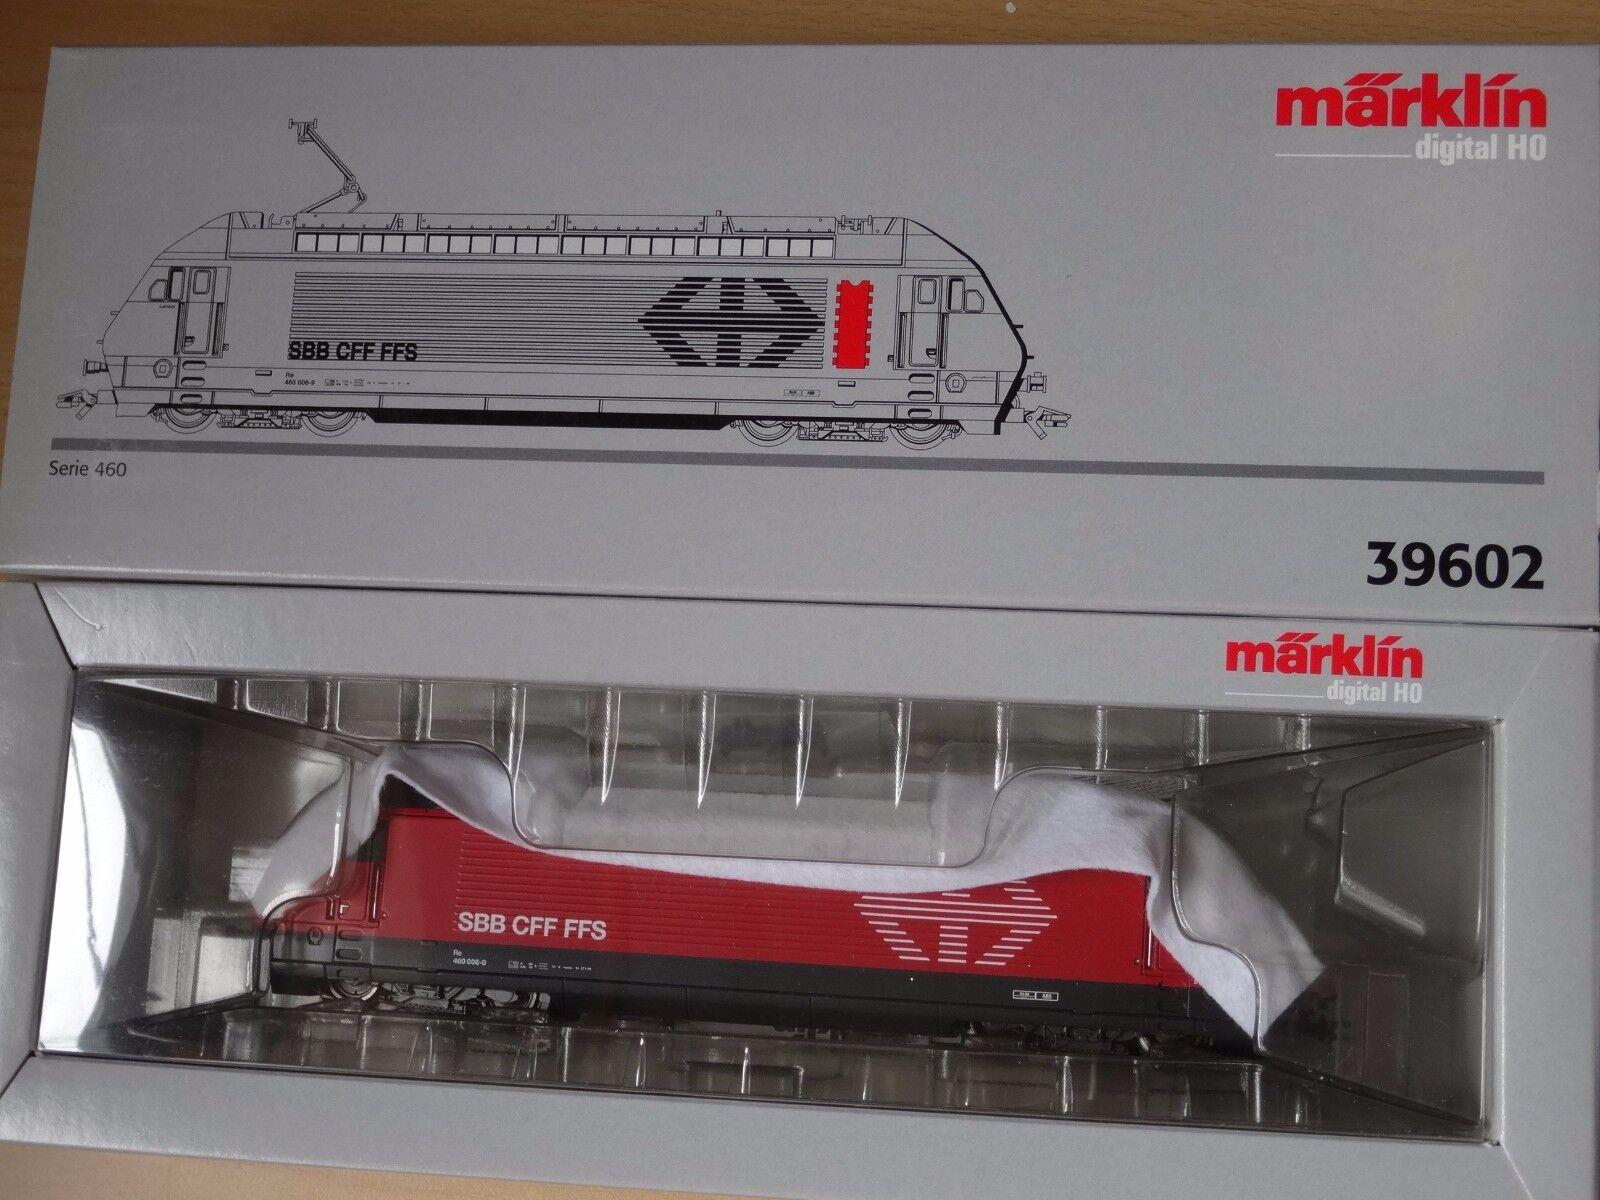 Marklin ho Art 39602 e-Lok serie 460 de la mercancía nueva SBB de resolución Cochegar